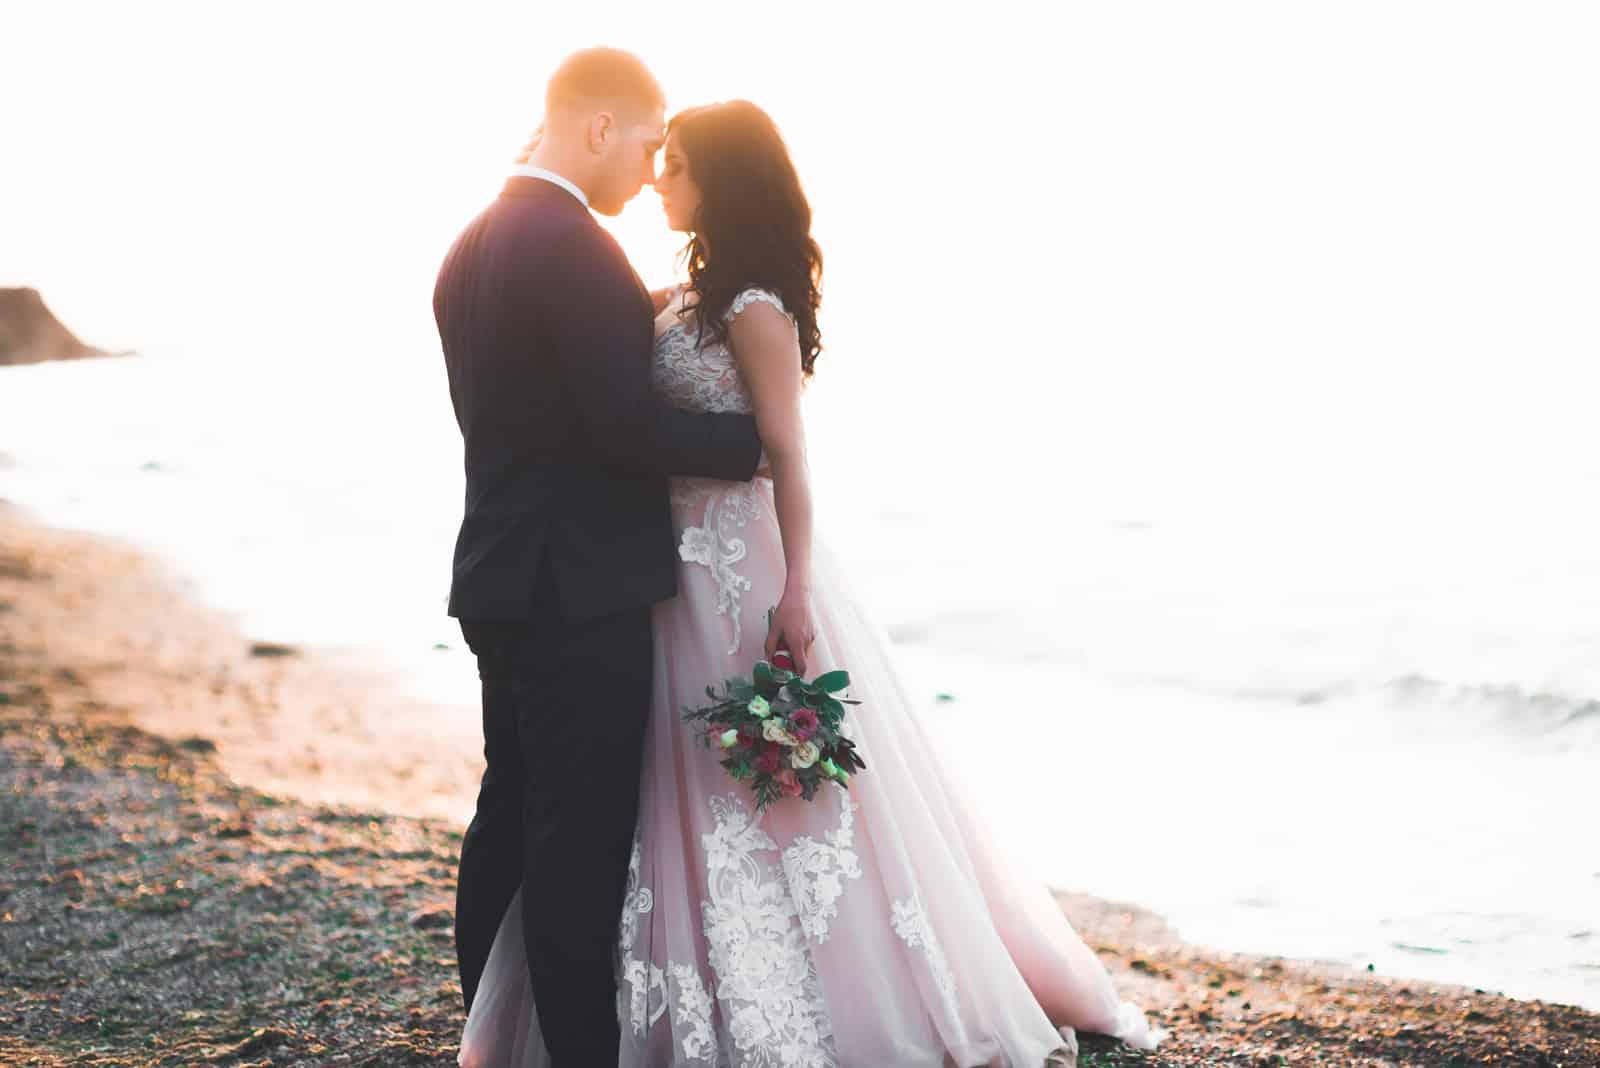 Fröhliche und romantische Szene eines frisch verheirateten jungen Hochzeitspaares